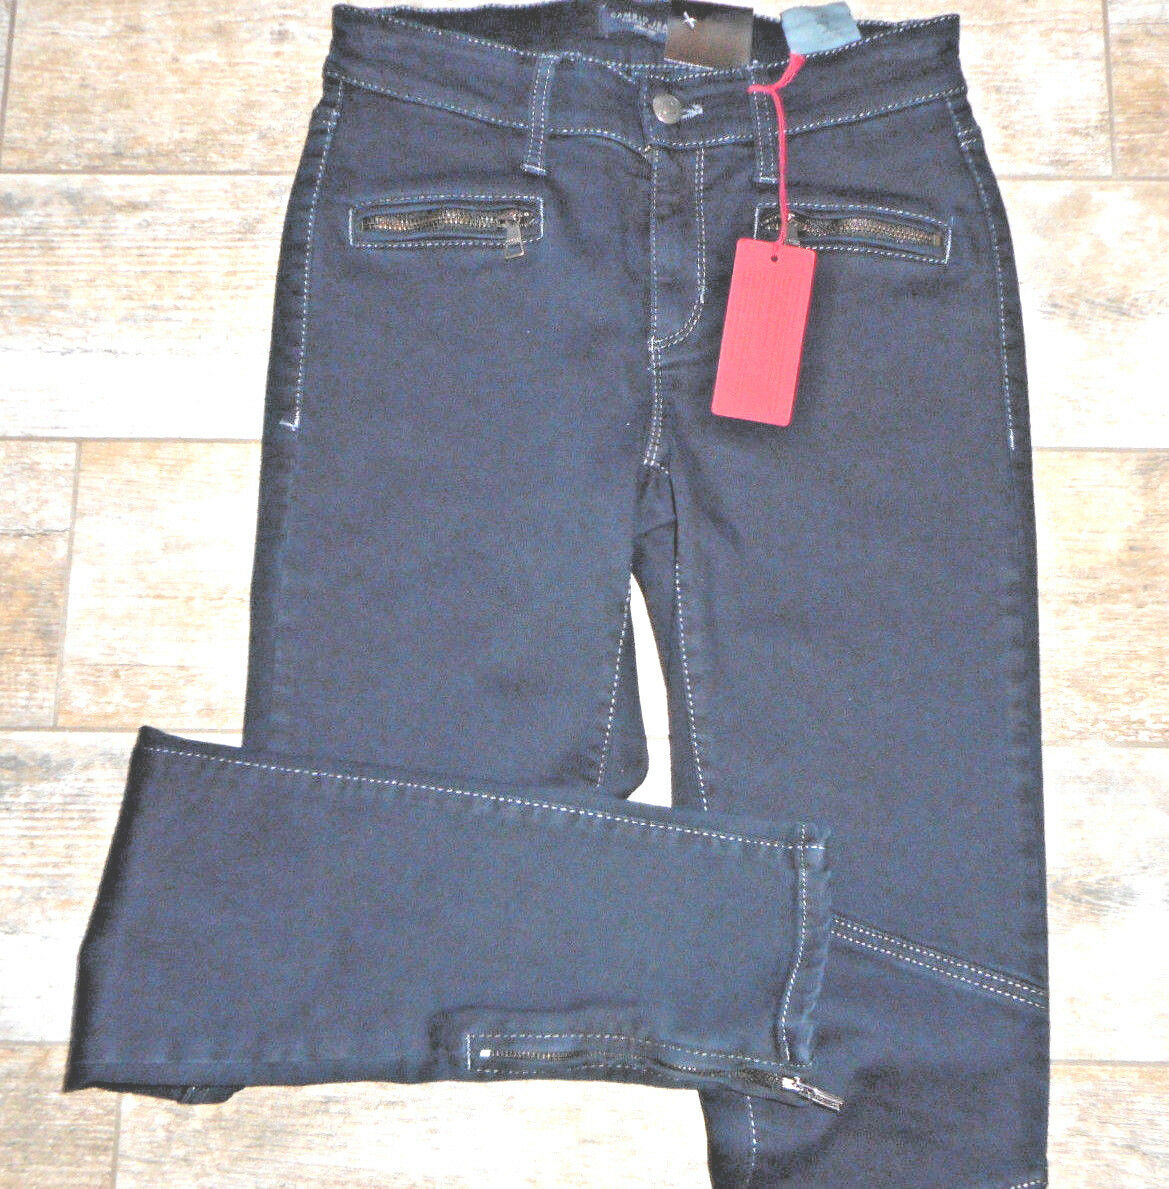 CAMBIO Jeans ZIP BLU SCURO  M. Cerniera  Tg. 36 NUOVO